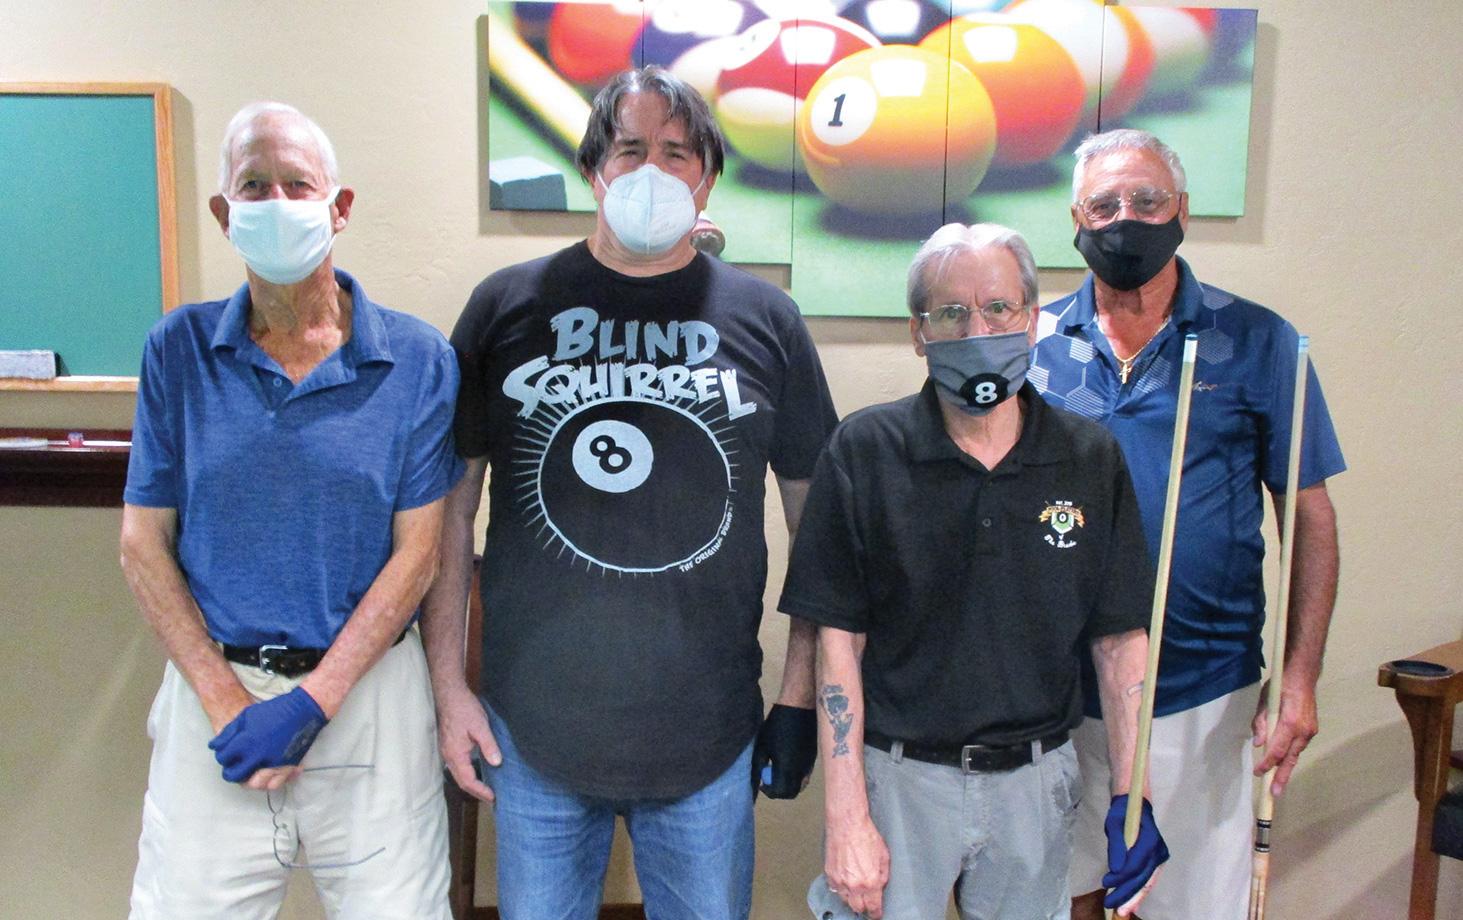 Left to right: Bob Ogle, 4th; Tom Barrett, 3rd; Joe Giammarino, 2nd; and Tony Cardillo, 1st